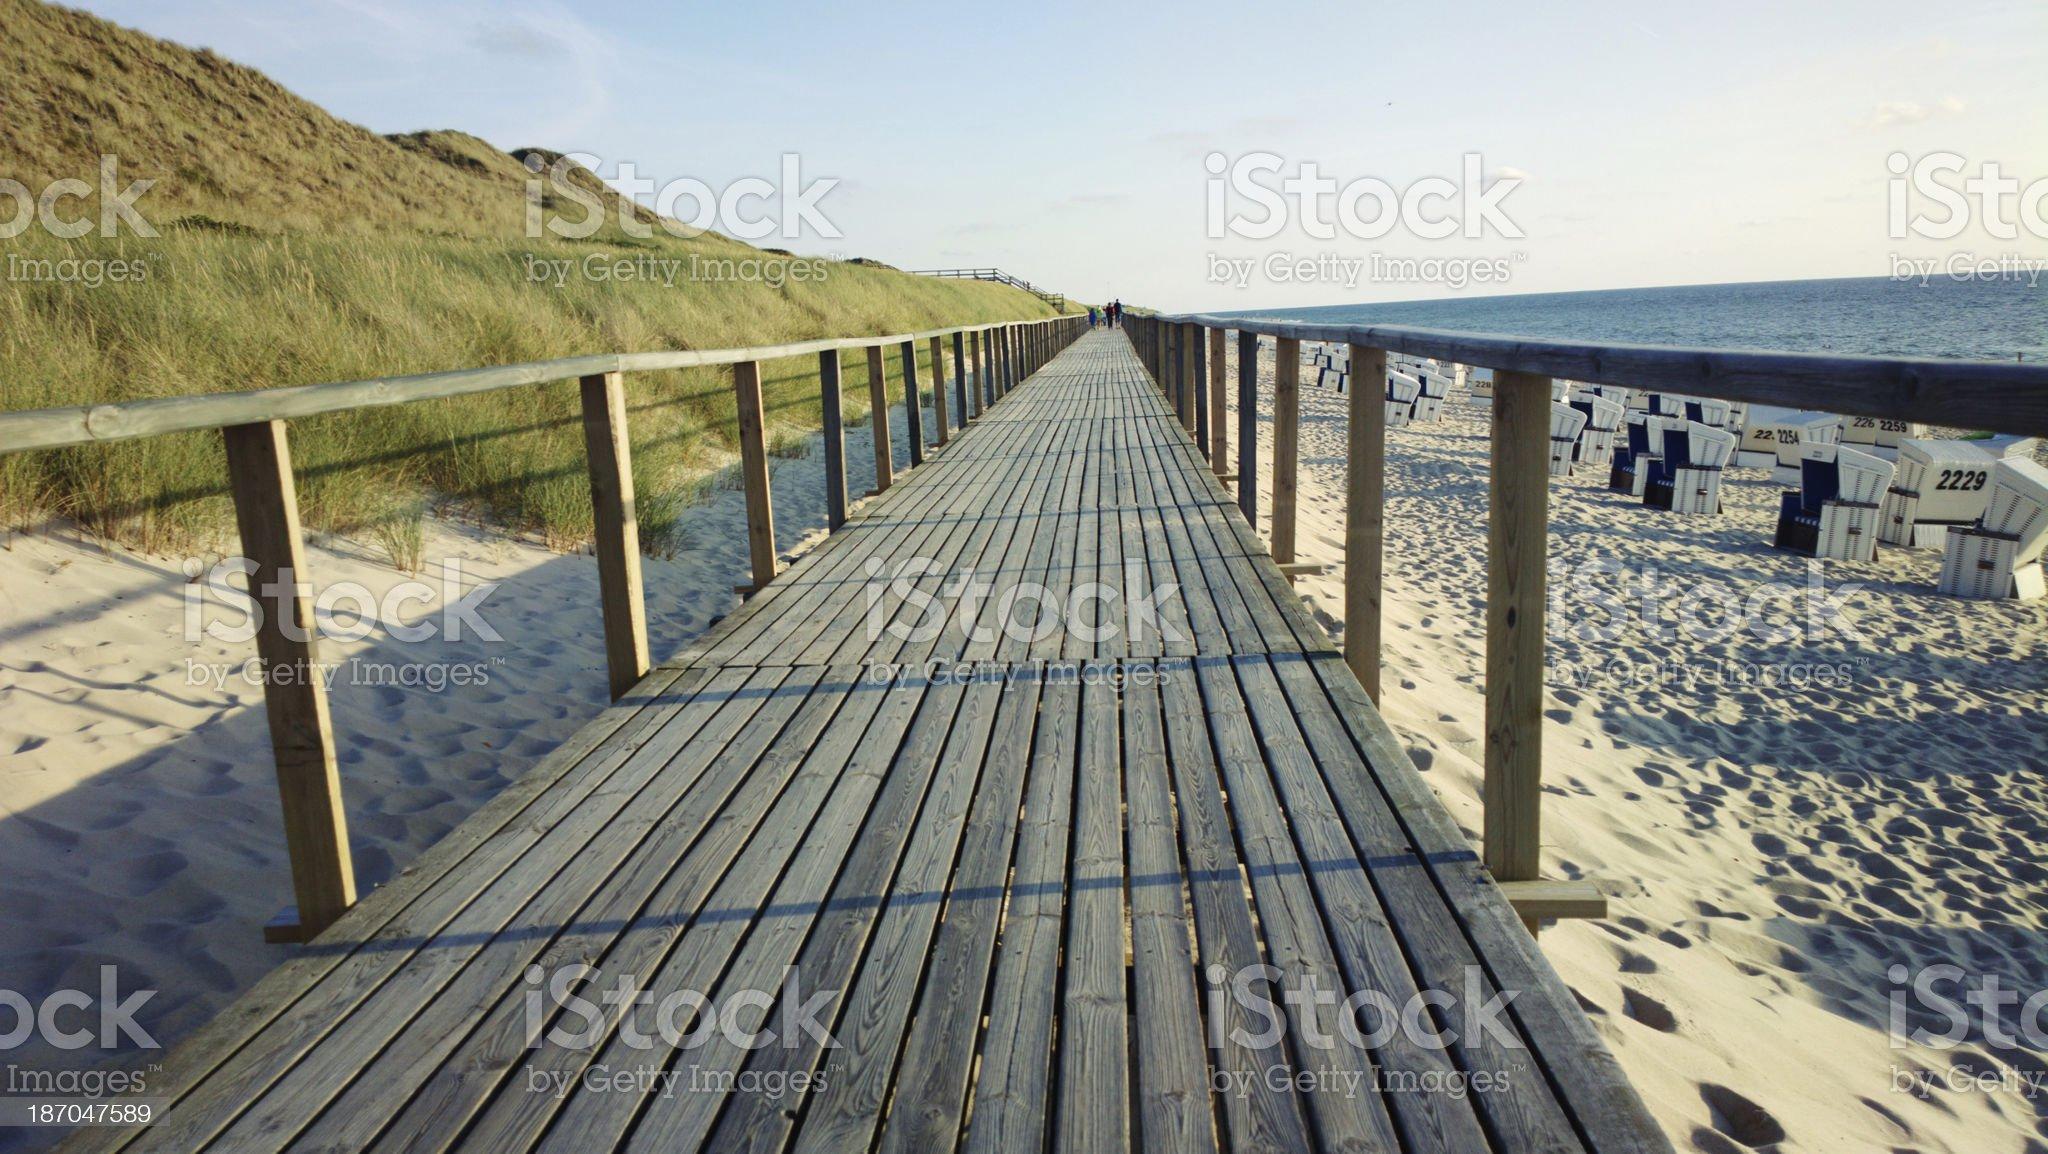 Beach jetty royalty-free stock photo